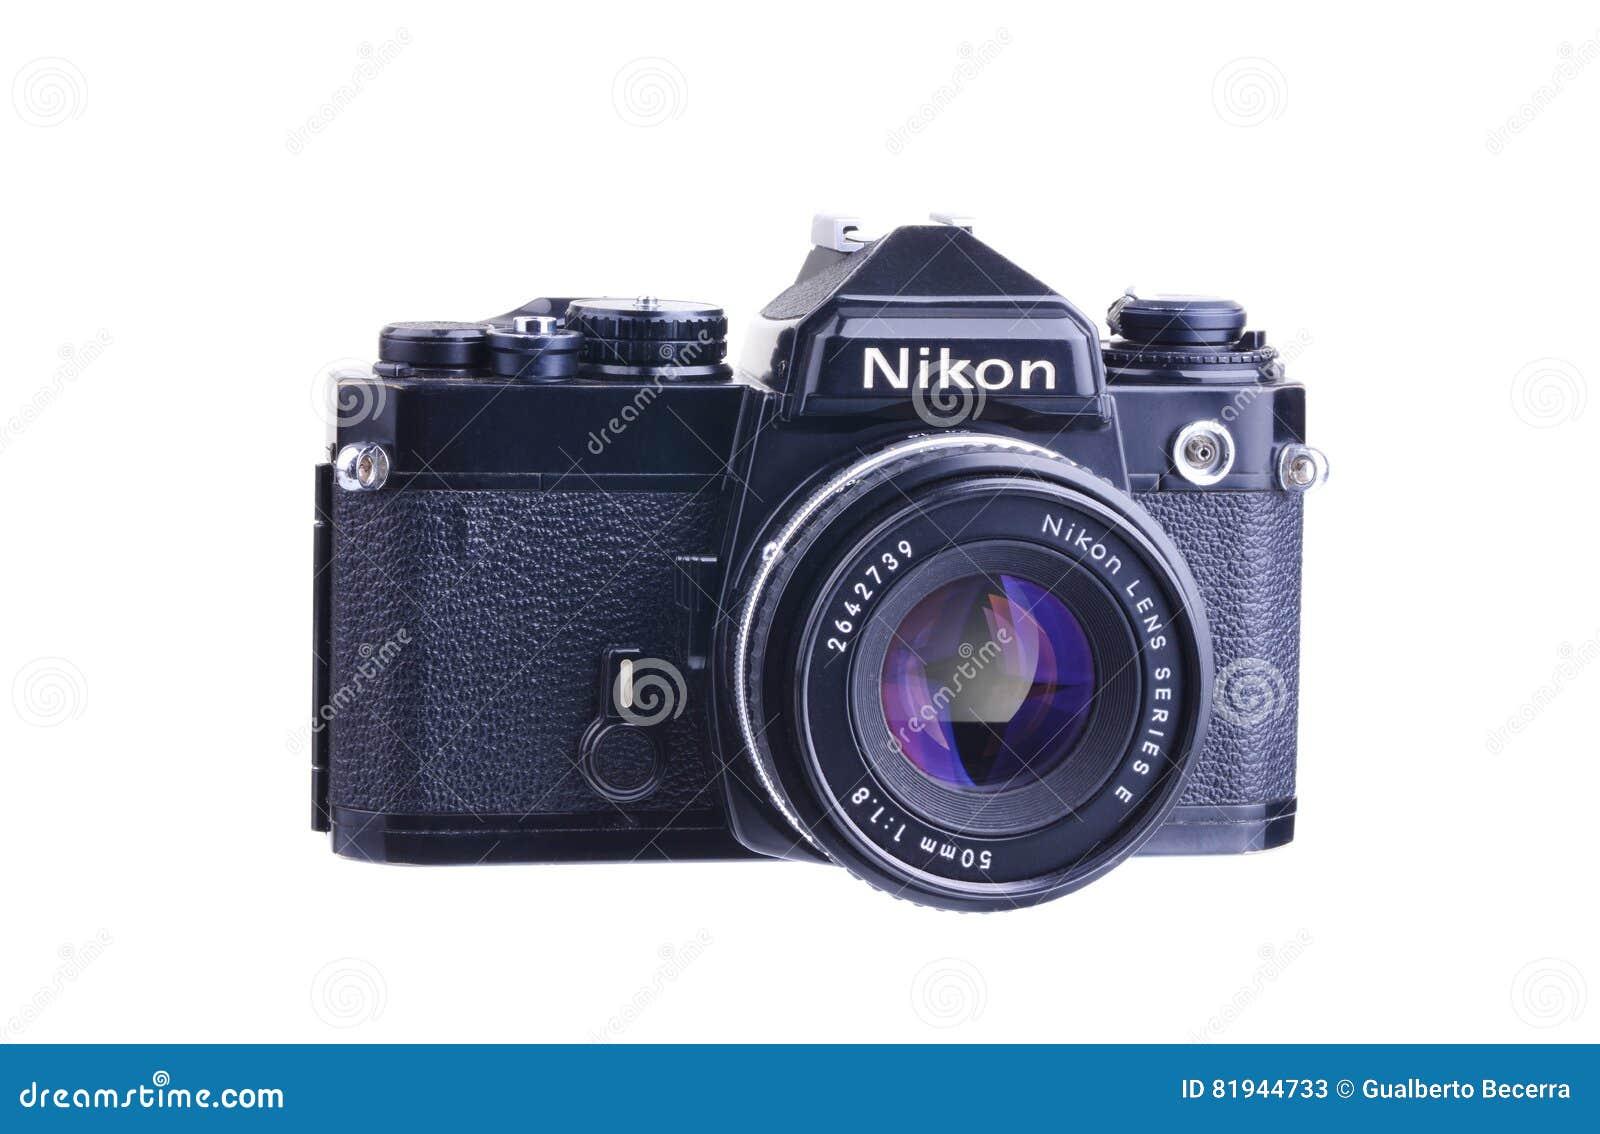 FE Nikon